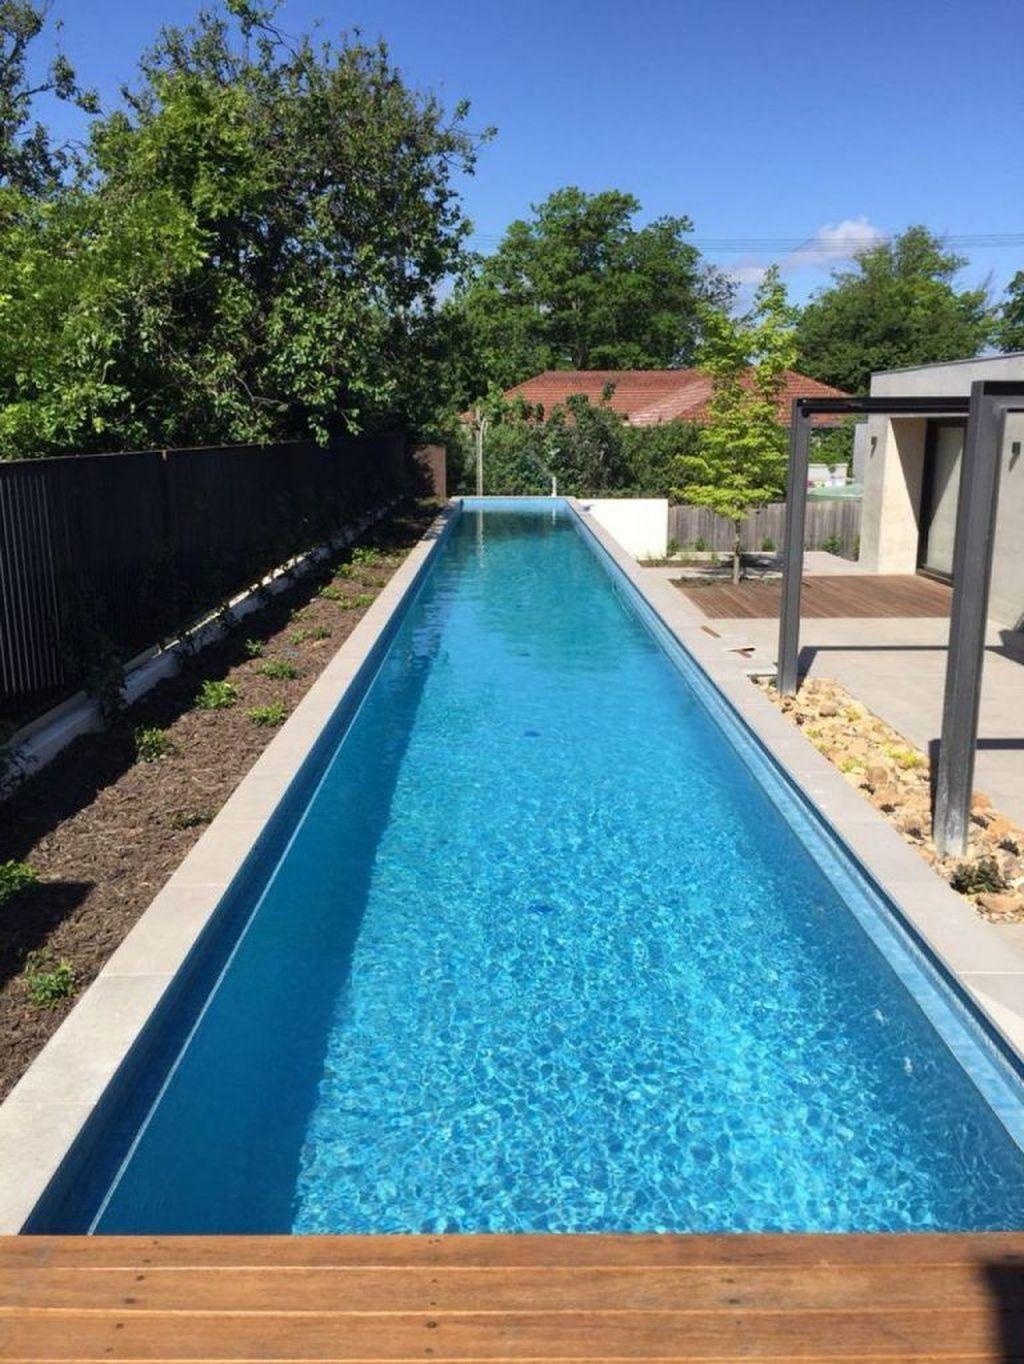 Popular Pool Design Ideas For Summertime 22